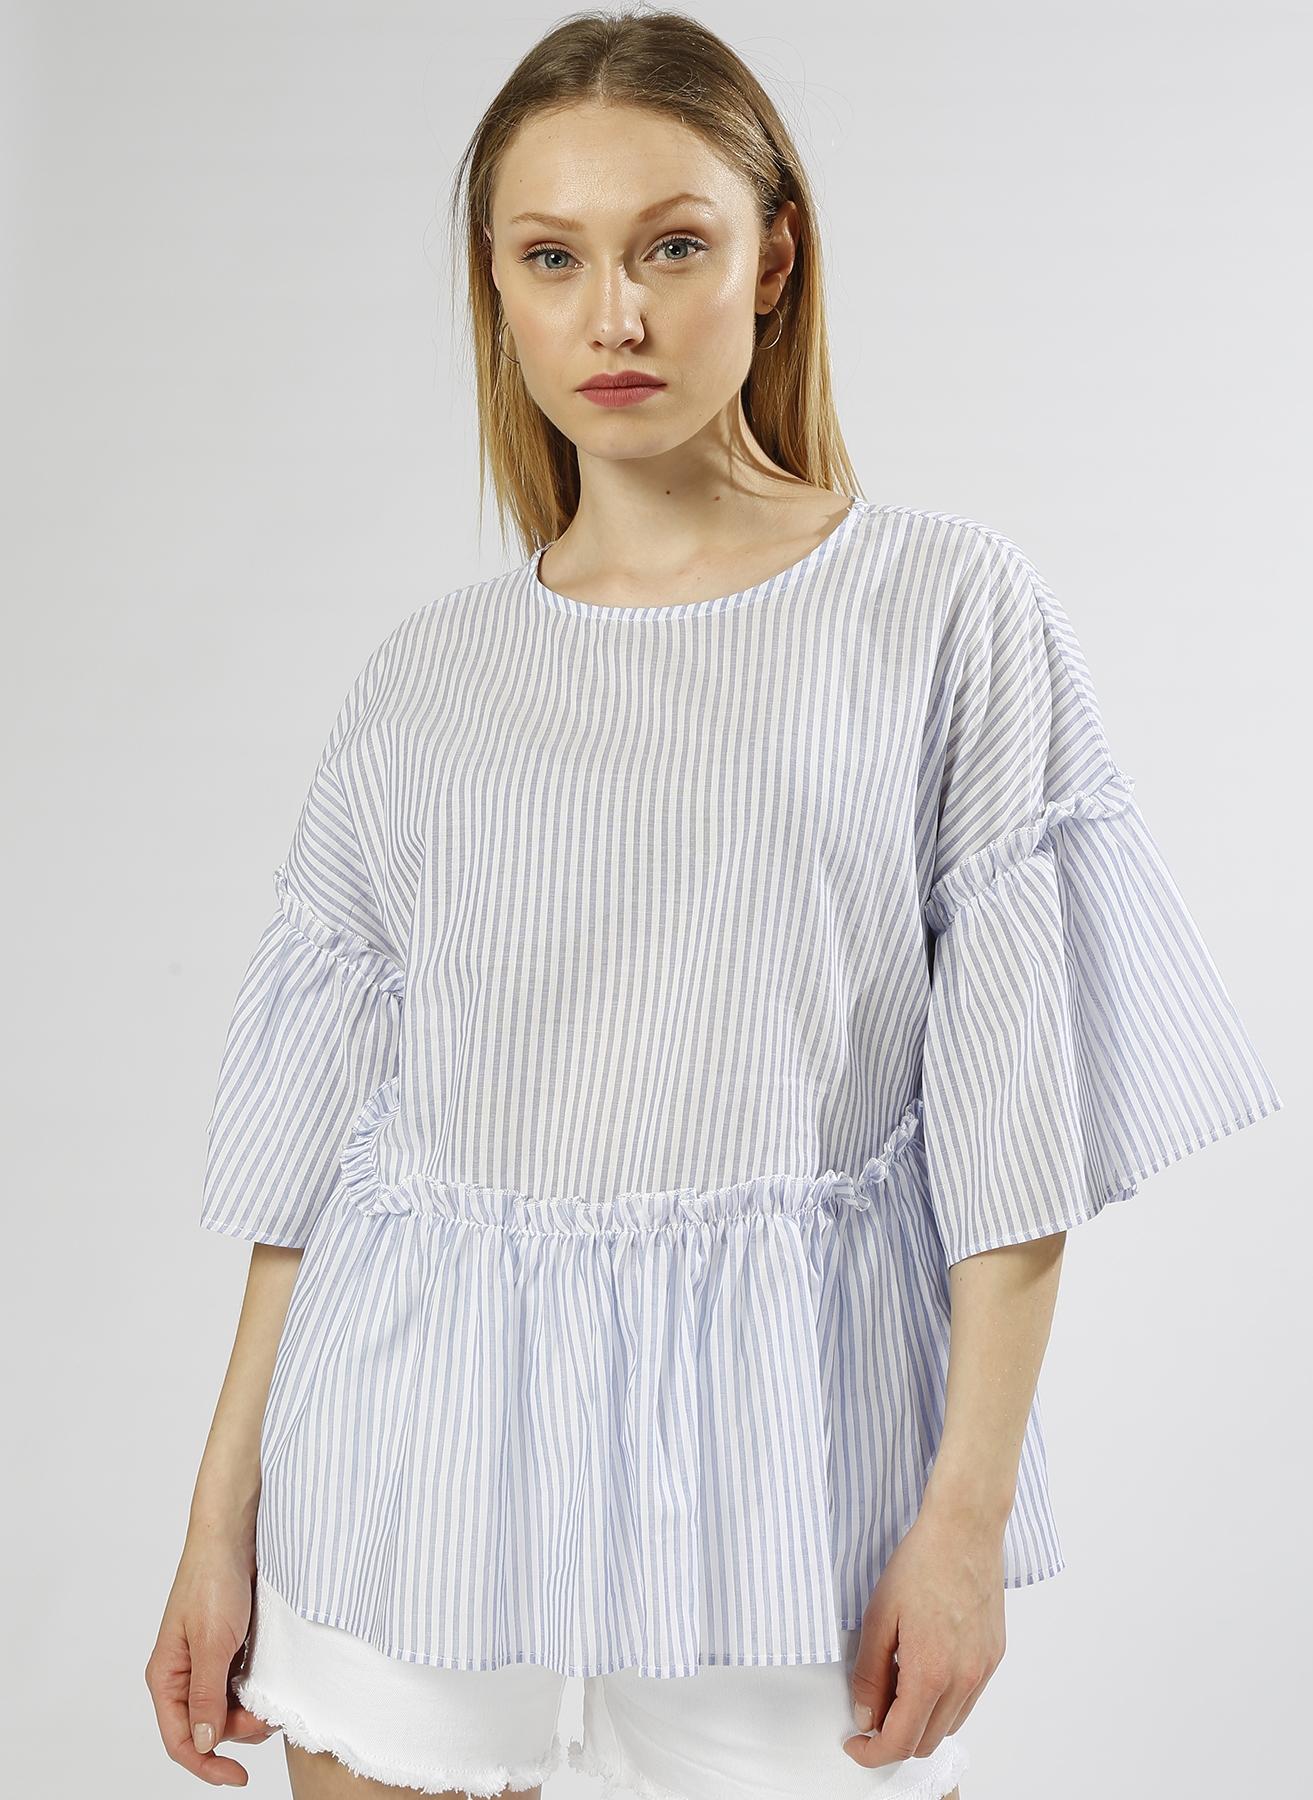 Koton Fırfırlı Çizgili Mavi-Beyaz Bluz 40 5000198366004 Ürün Resmi